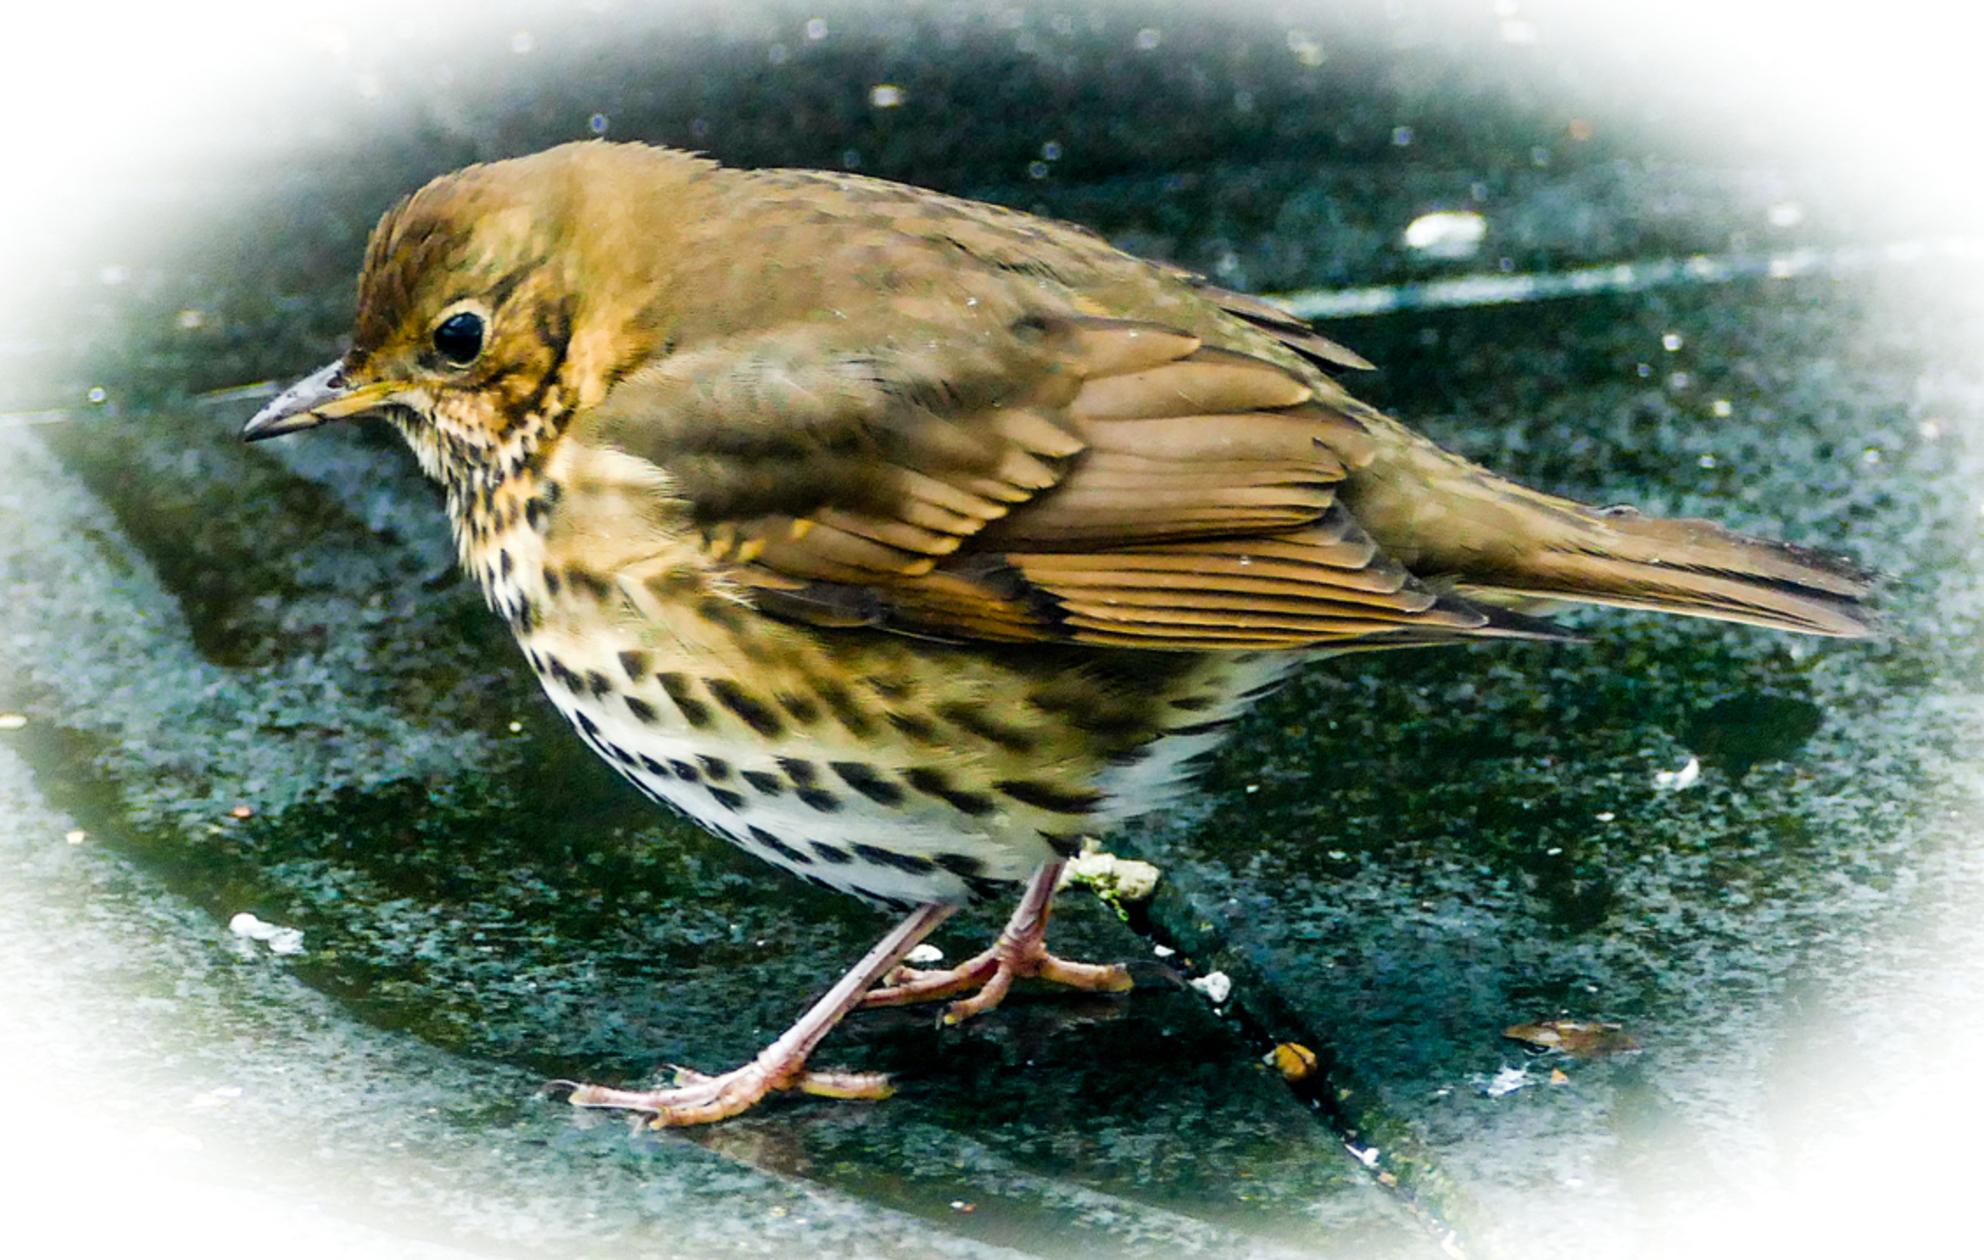 Zanglijster op terras TuinBE - - - foto door HuubZoom op 01-03-2021 - deze foto bevat: vogel - Deze foto mag gebruikt worden in een Zoom.nl publicatie